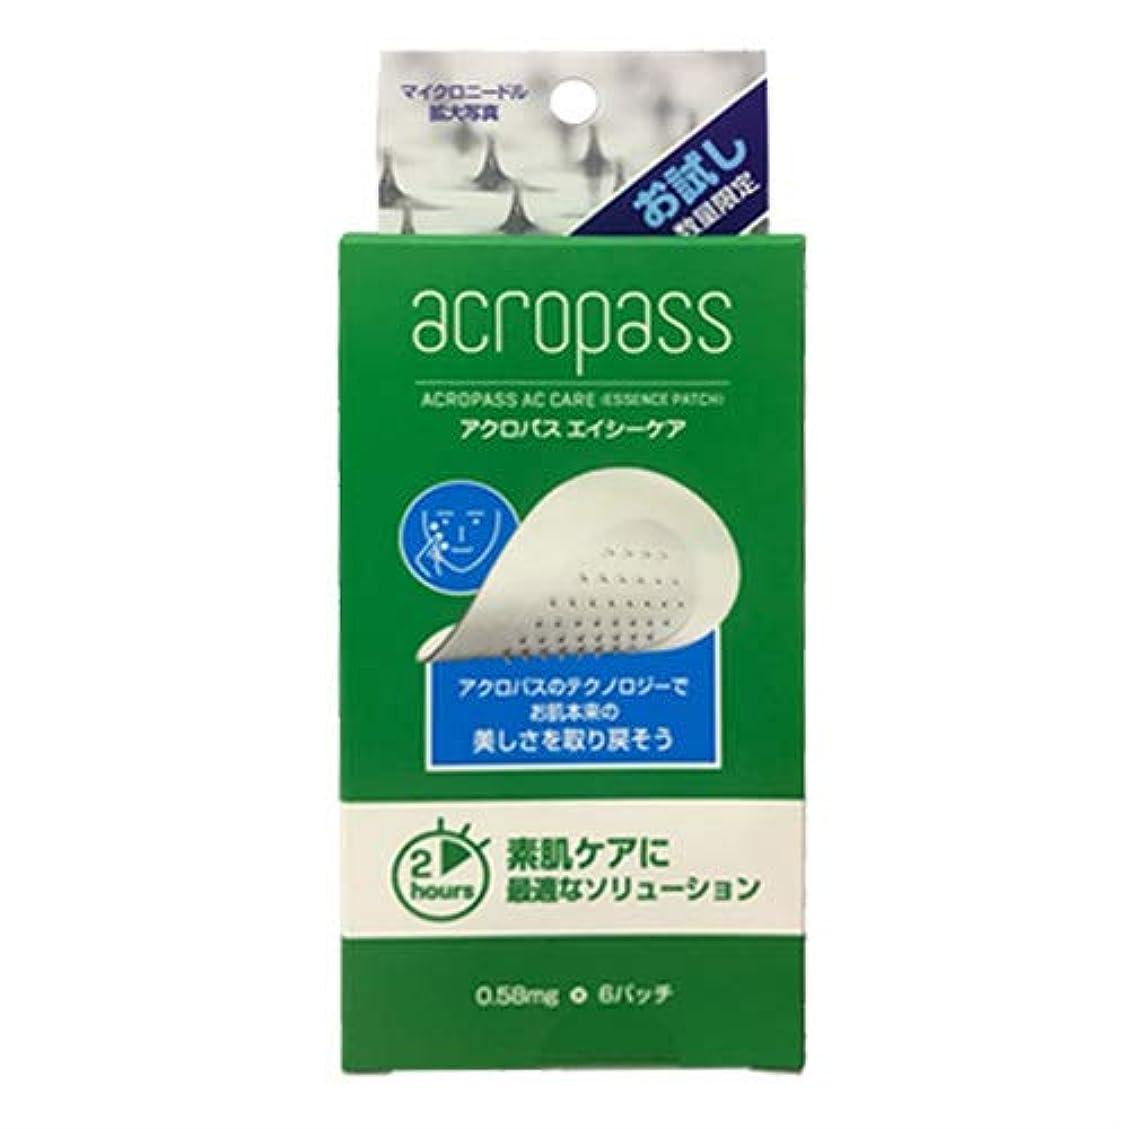 発掘する比較的専門化するアクロパス (acropass) エイシーケア お試しサイズ 6パッチ入り ×2個セット